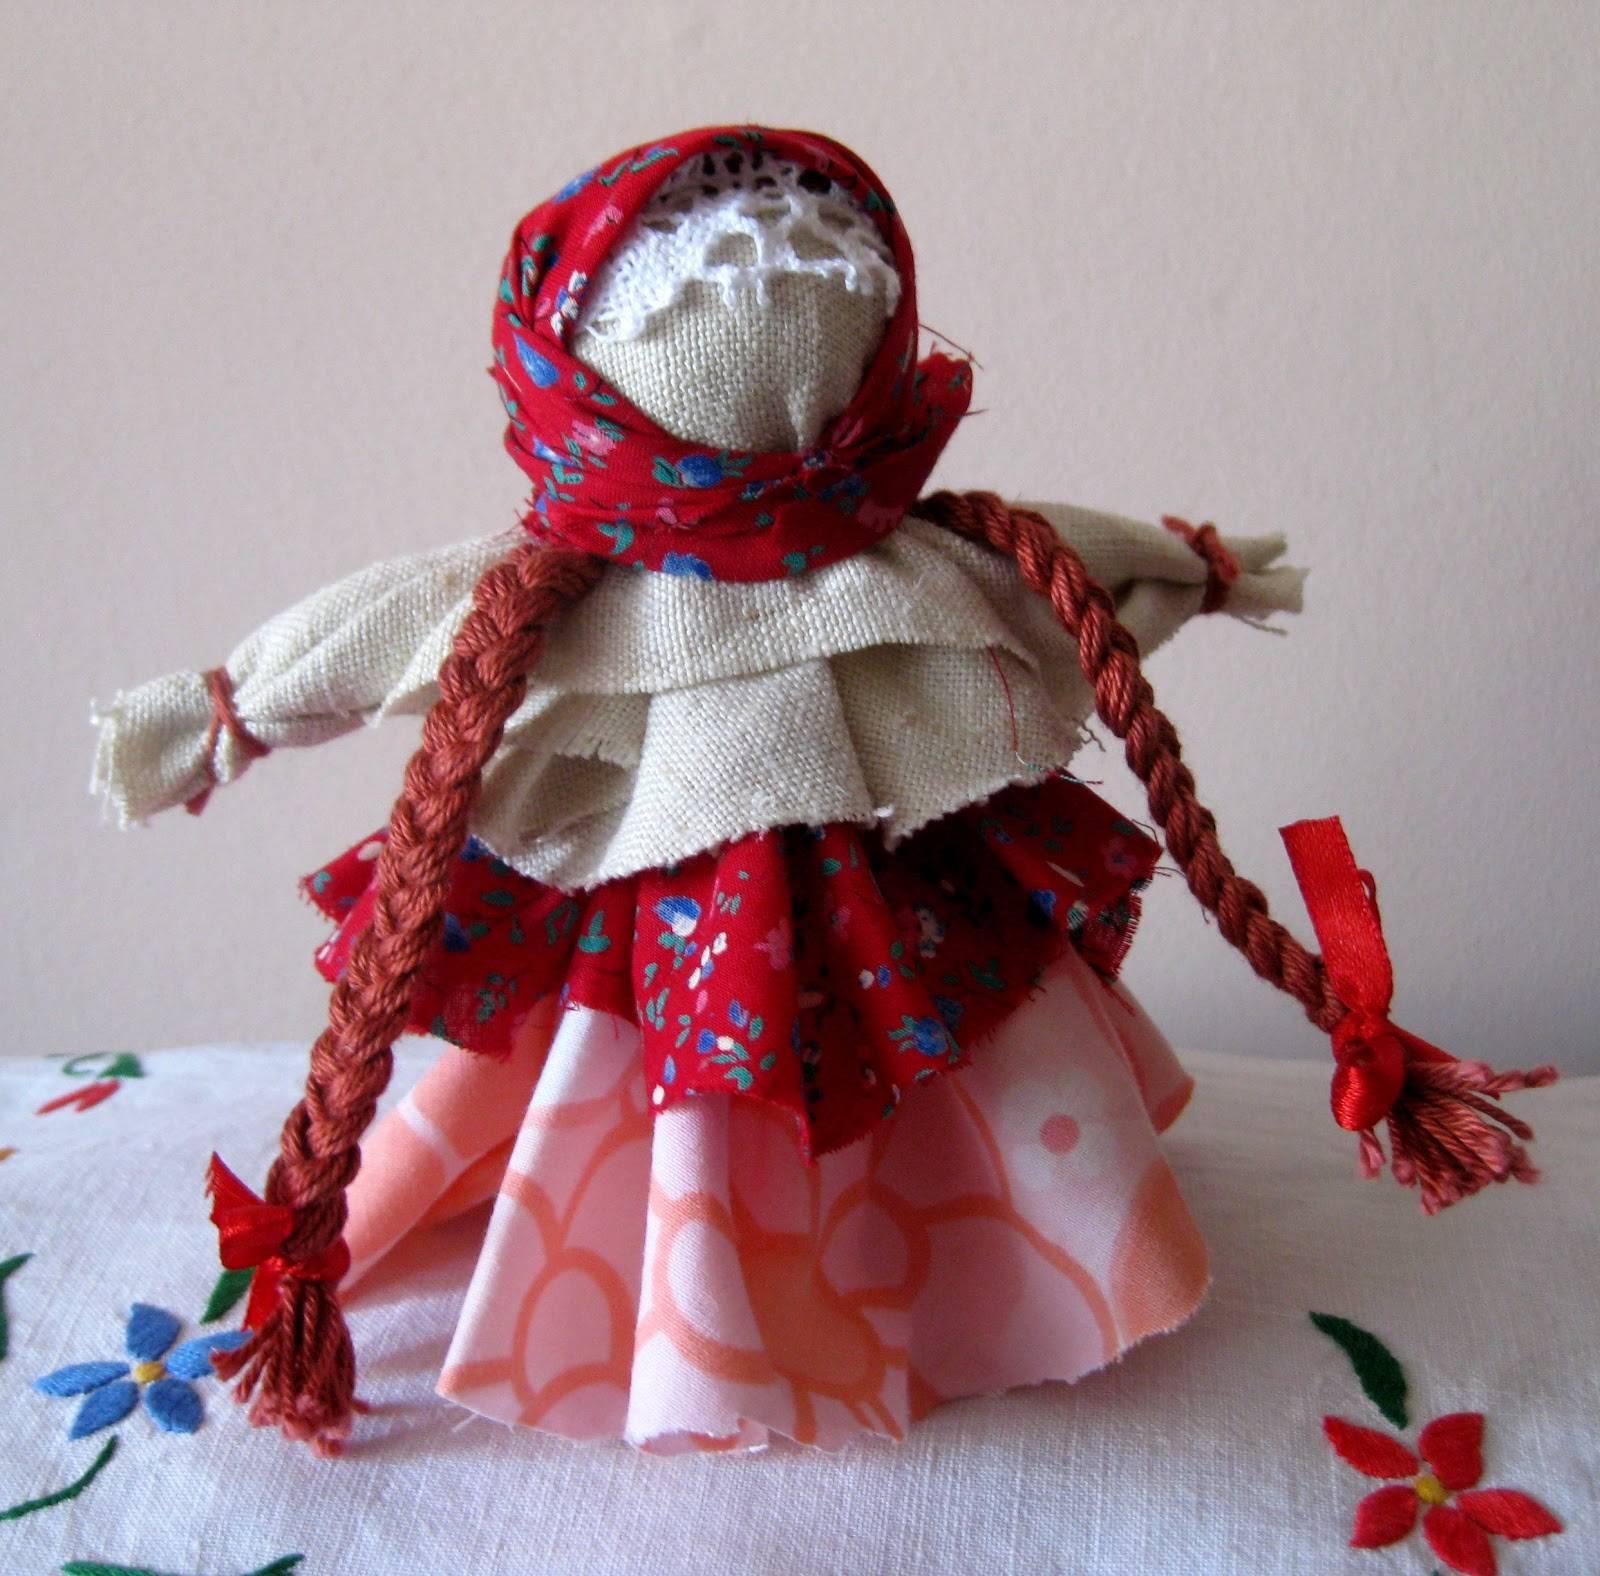 Кукла из ниток: как сделать своими руками | пошаговая инструкция